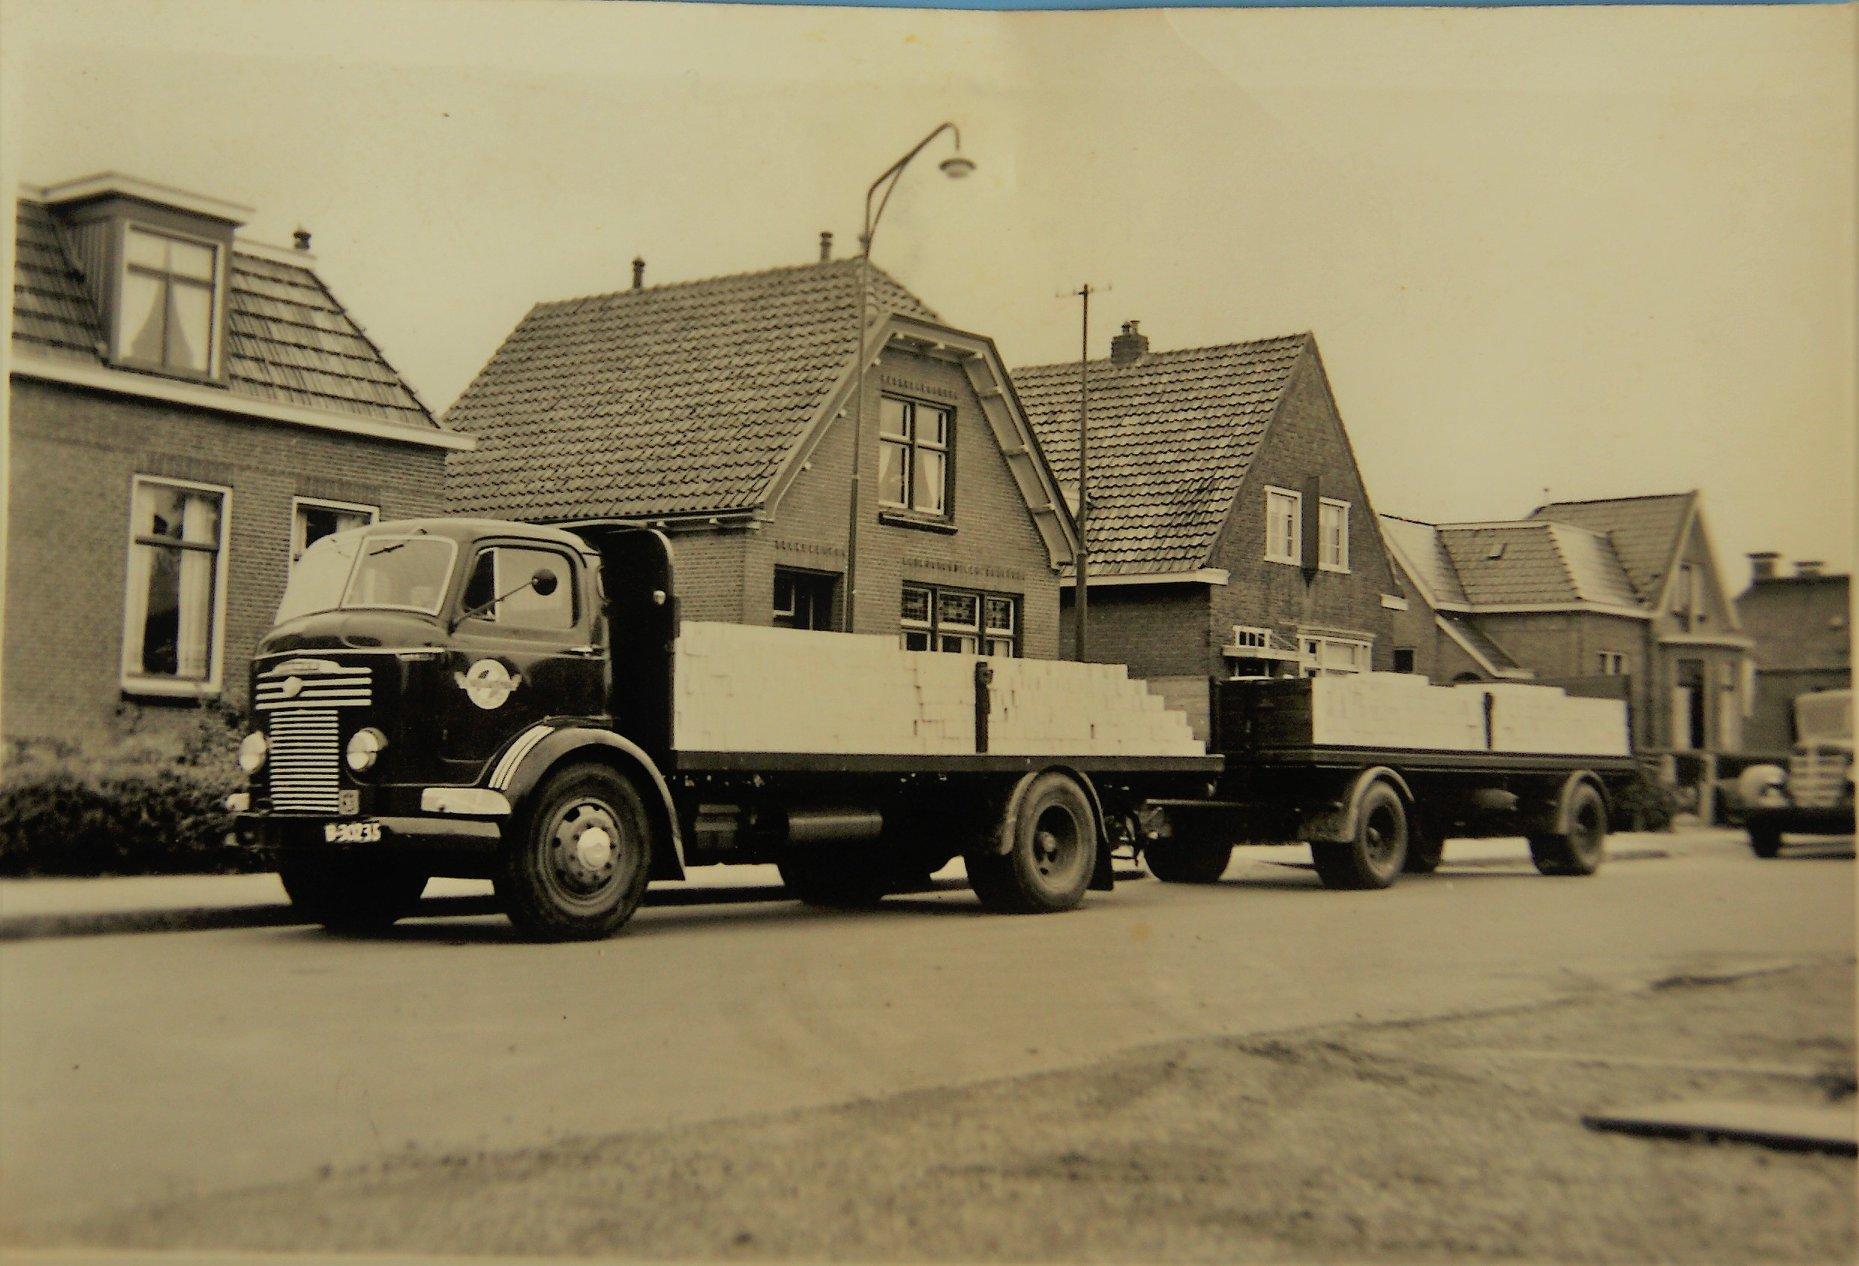 Commer-is-de-laadbak-en-op-de-aanhangwagen-waarschijnlijk-een-PKA-ook-de-laadbak-door-Rondaan-uit-Beetgum-opgebouwd-voor-Tl--Krol-en-C-Lautenbag-uit-Nieuwe-Bildtzijl